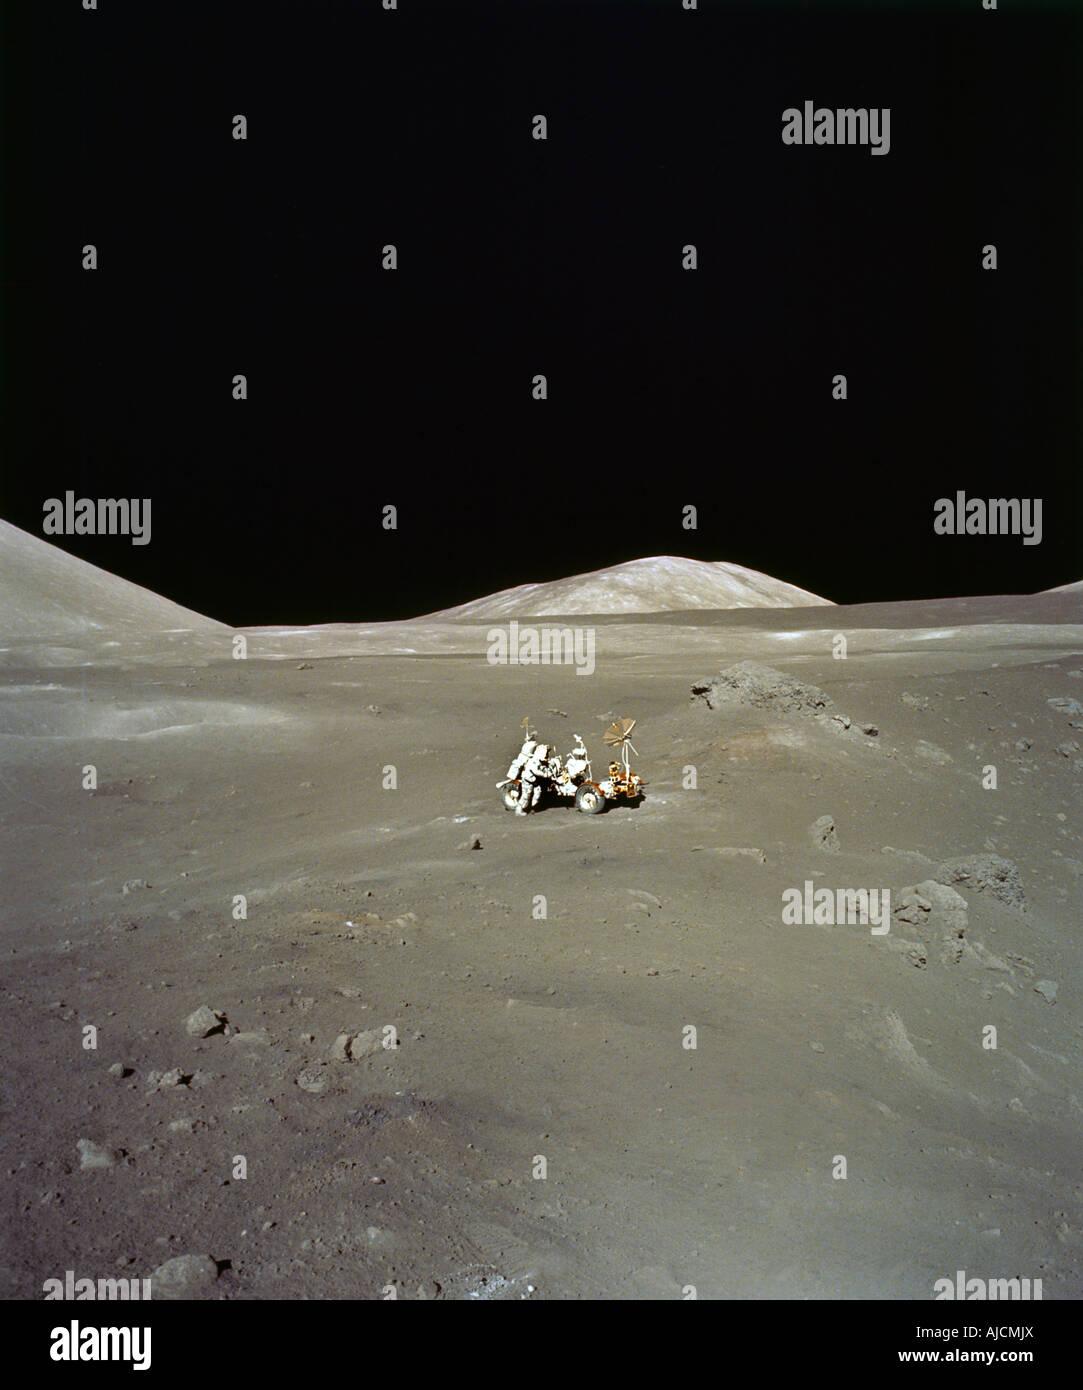 Méplatde la Lune Apollo 17 Photo Stock